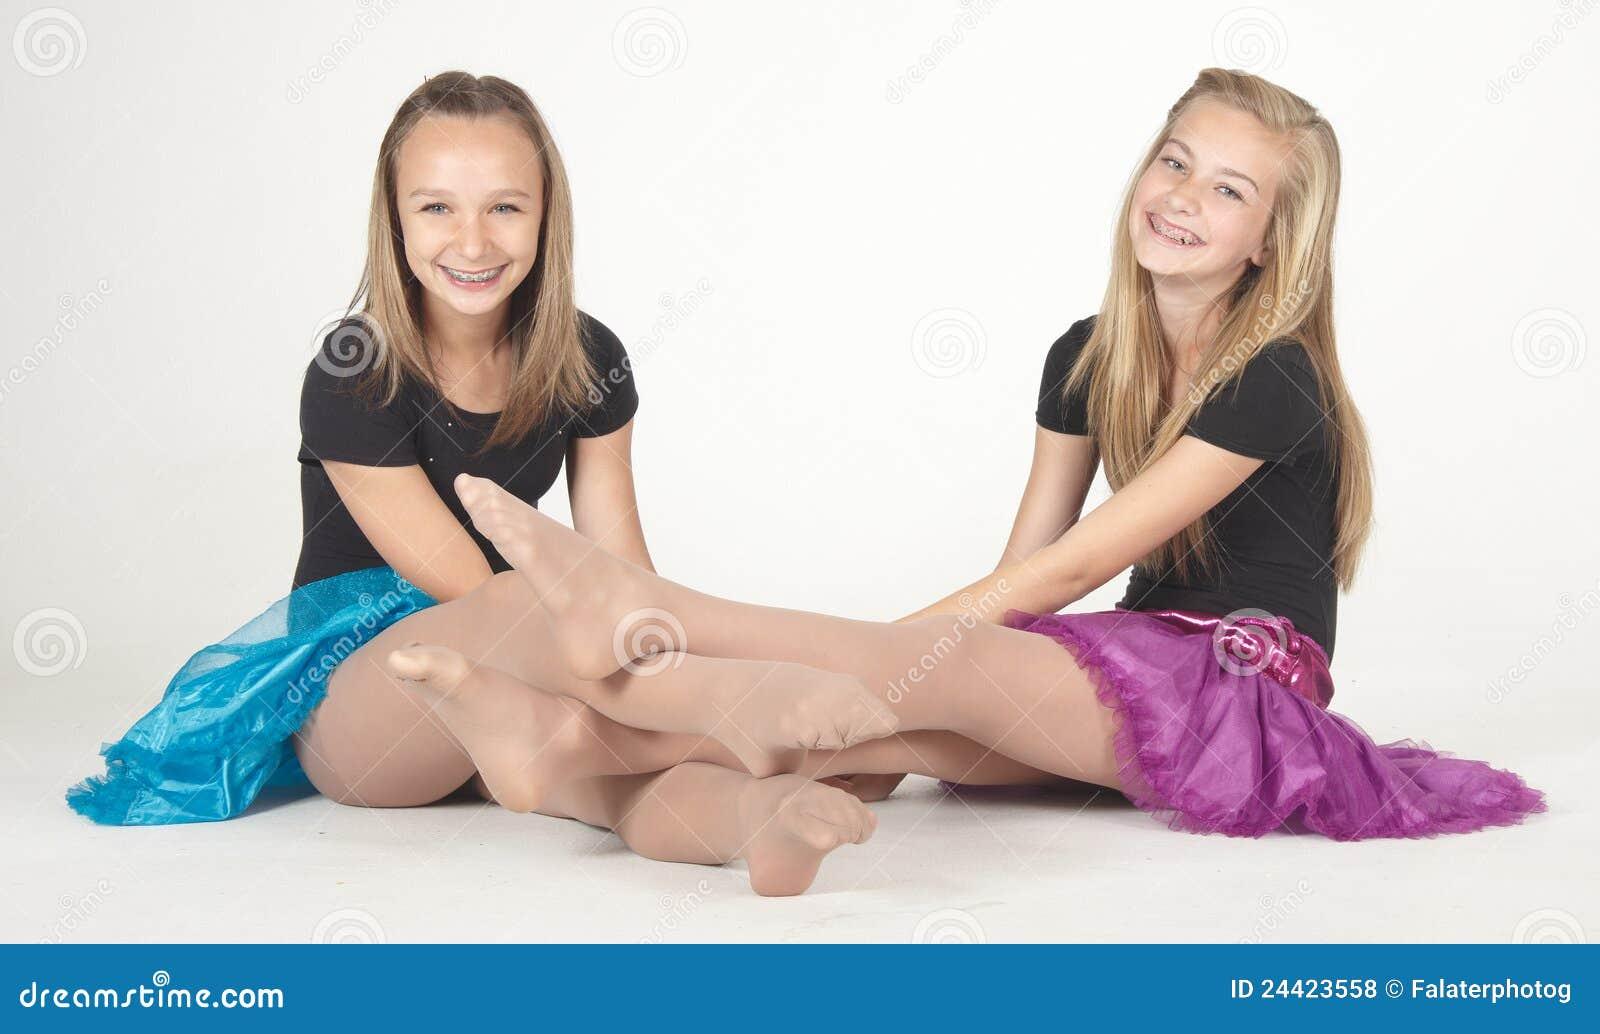 Cmo convertirse en un modelo a la edad de 12